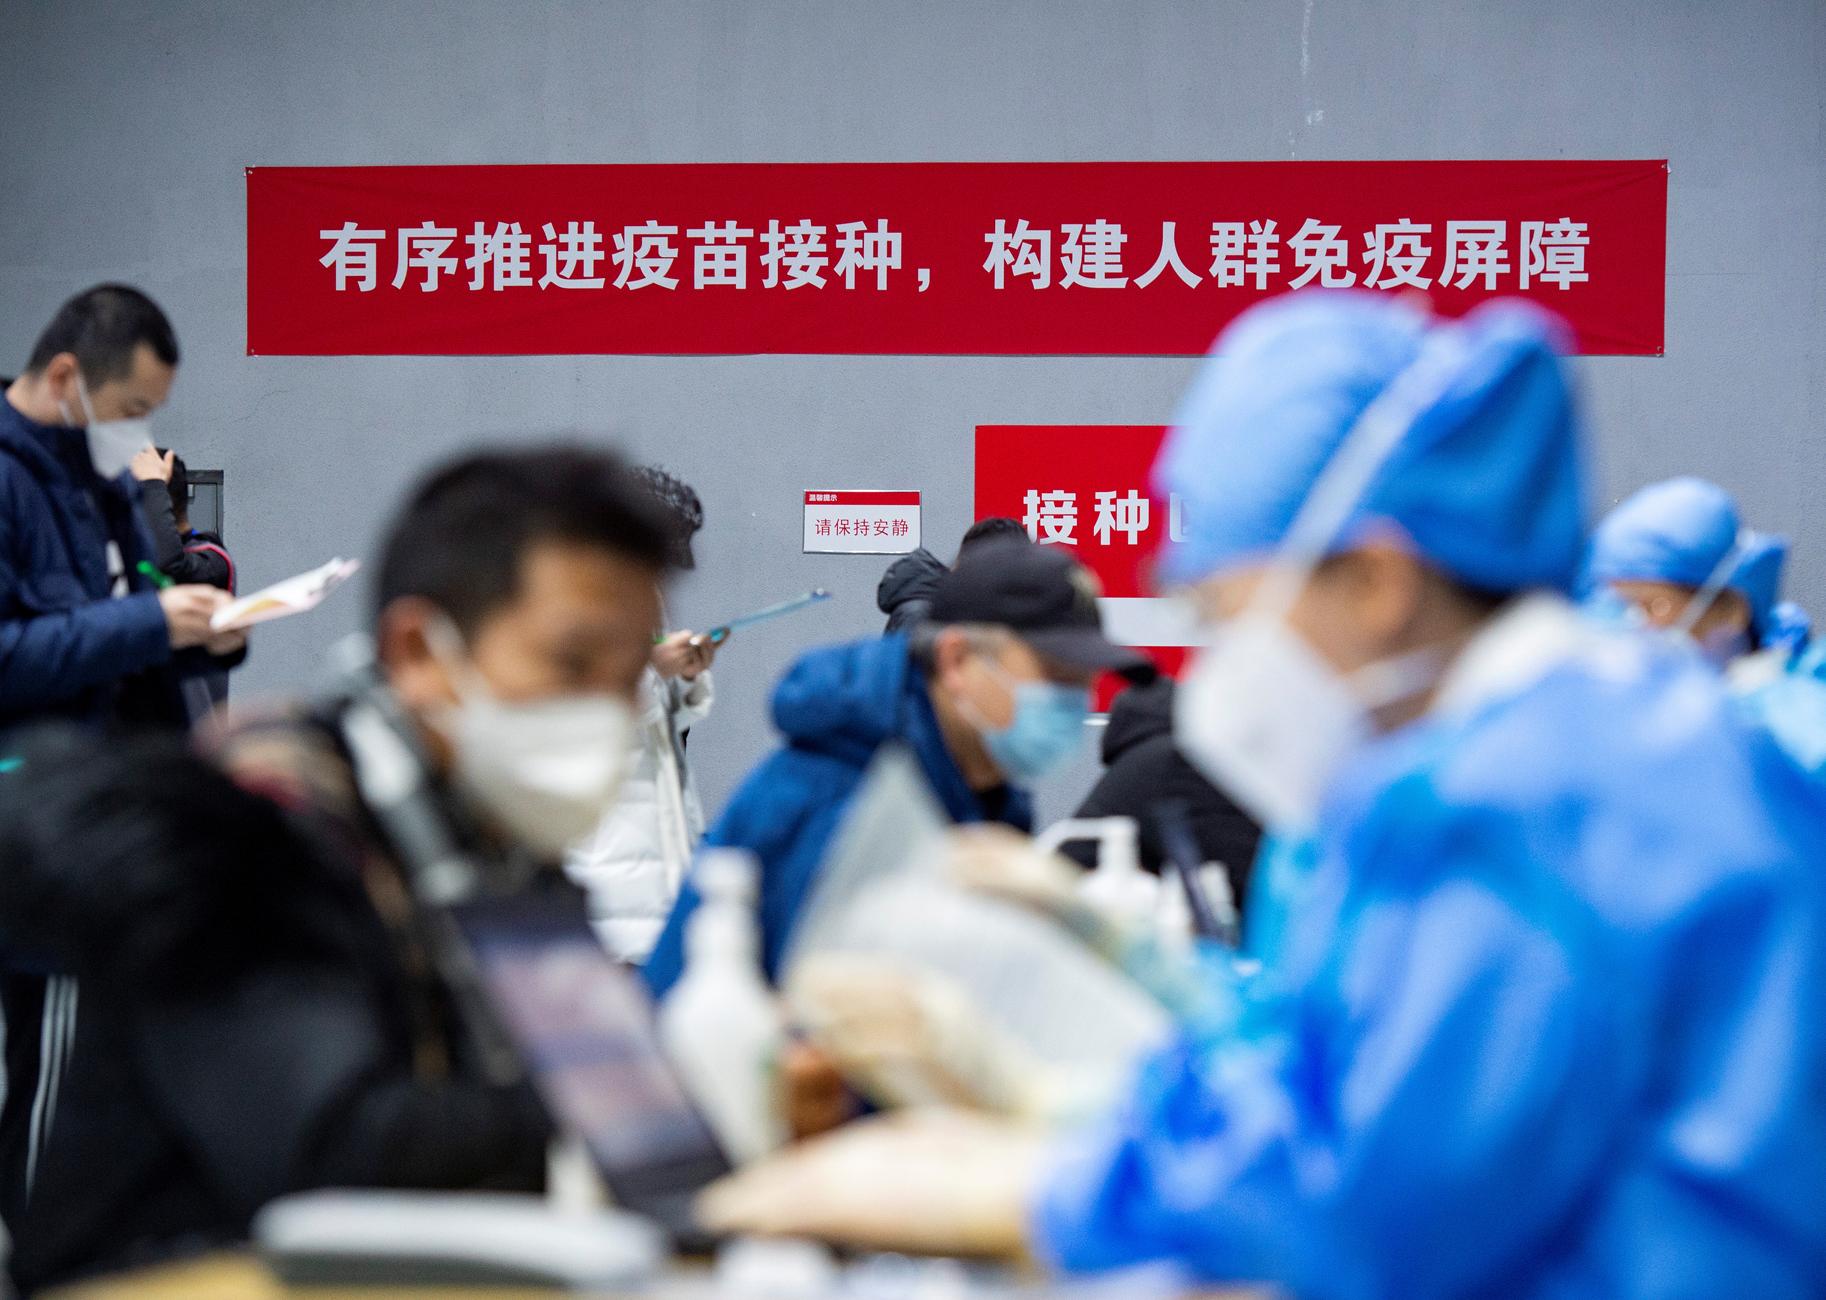 Κίνα: 54 κρούσματα κορονοϊού σε 24 ώρες – Tα λιγότερα των τελευταίων 3 εβδομάδων